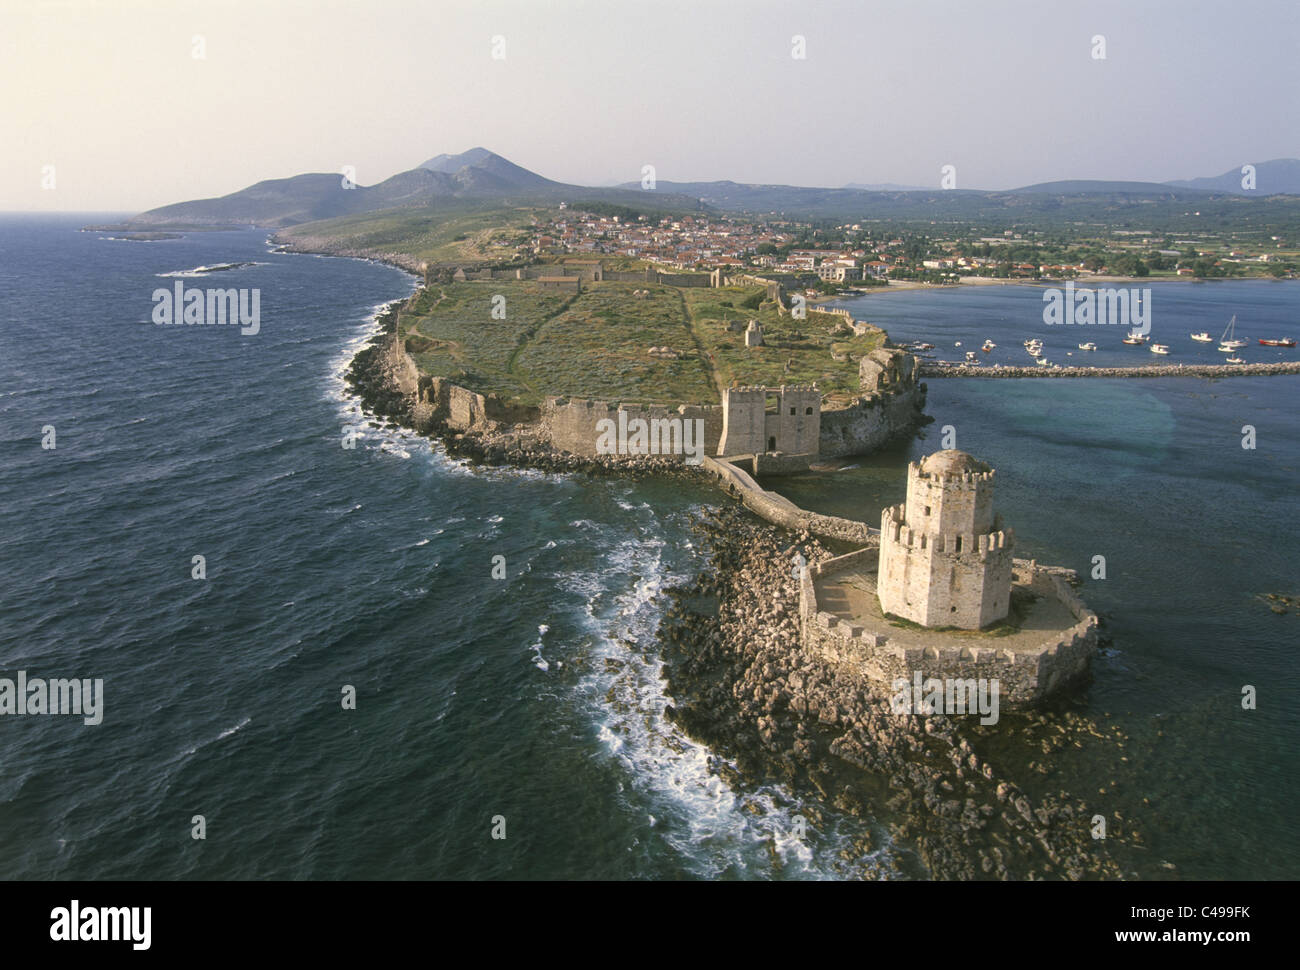 Luftaufnahme der venezianischen Festung auf der griechischen Insel von Methoni Stockbild